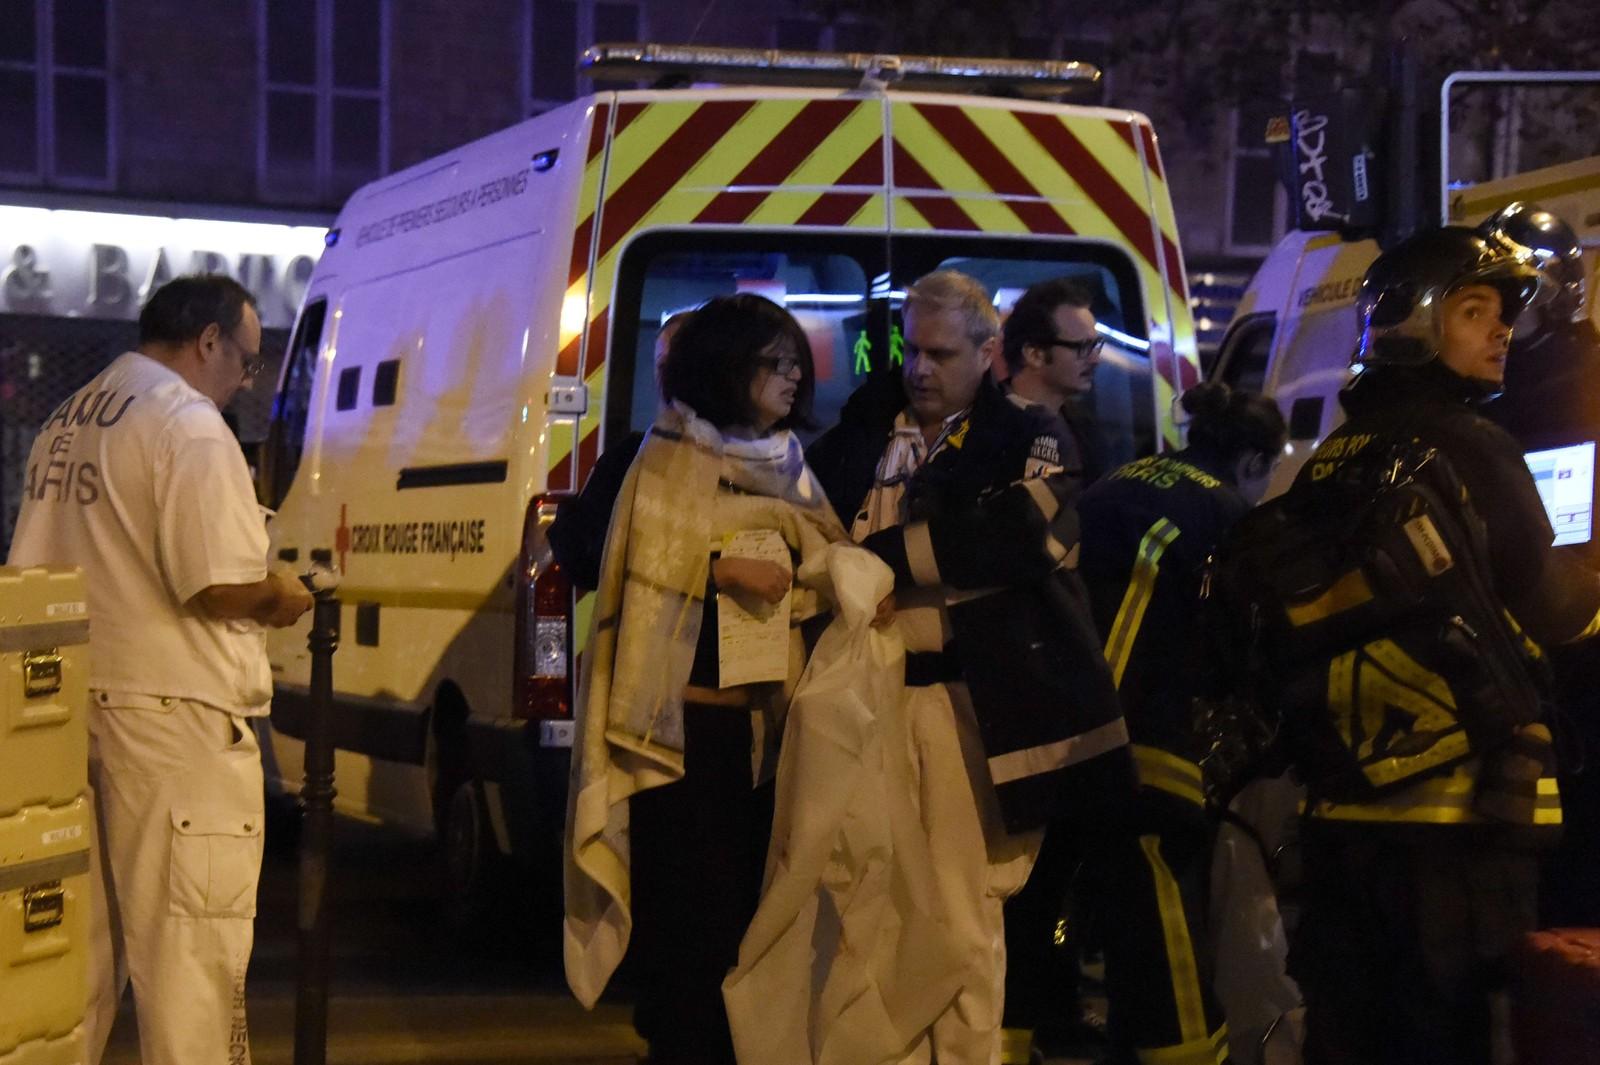 MANGE DREPT: Rundt 140 personer ble drept og 200 er såret etter fredagens samordnende terrorangrep i Paris. Alle gjerningsmennene antas å være døde.